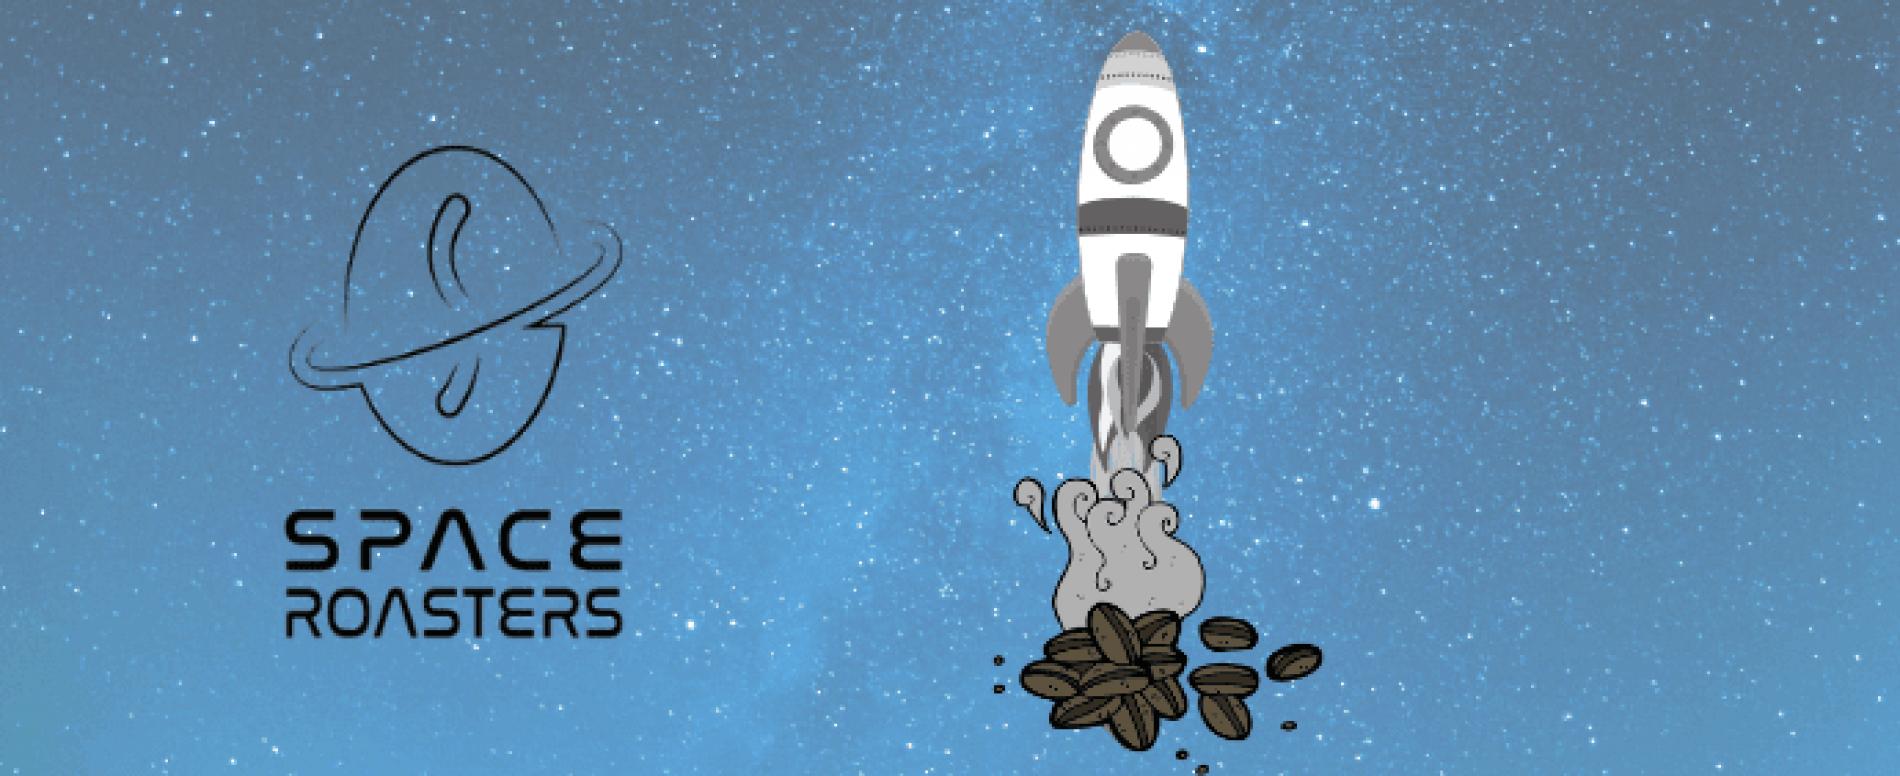 Un progetto visionario: tostare il caffè con la tecnologia spaziale